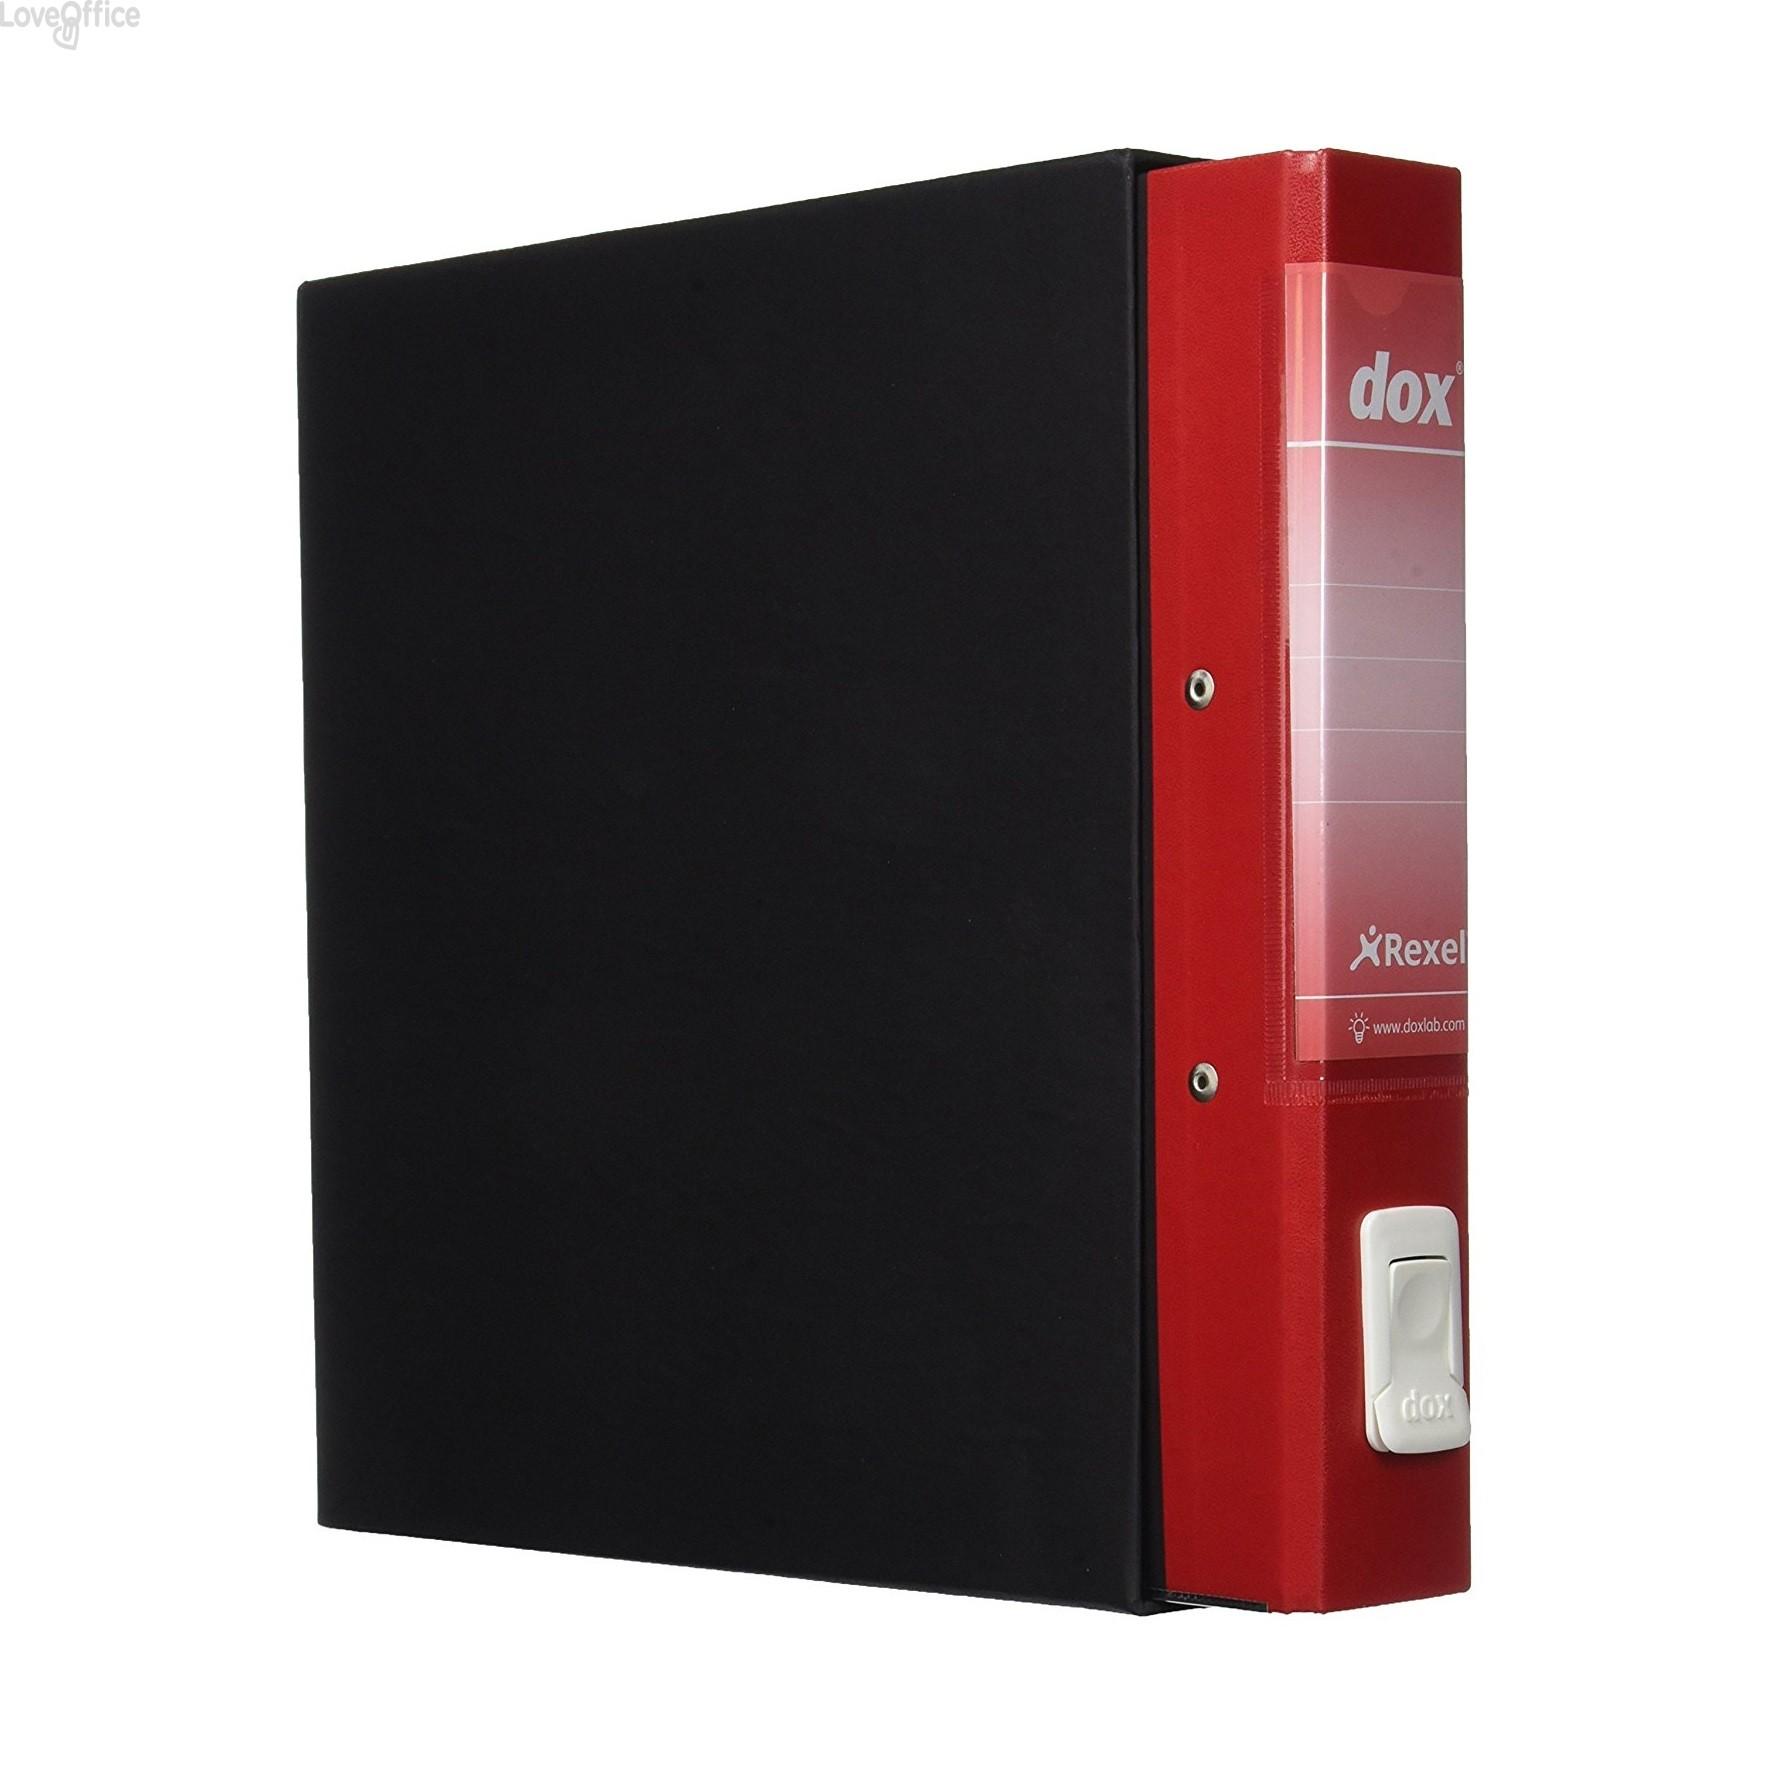 Registratore a leva Dox 4 - Commerciale - dorso 5 cm - 23x29,7 cm - rosso - D26411